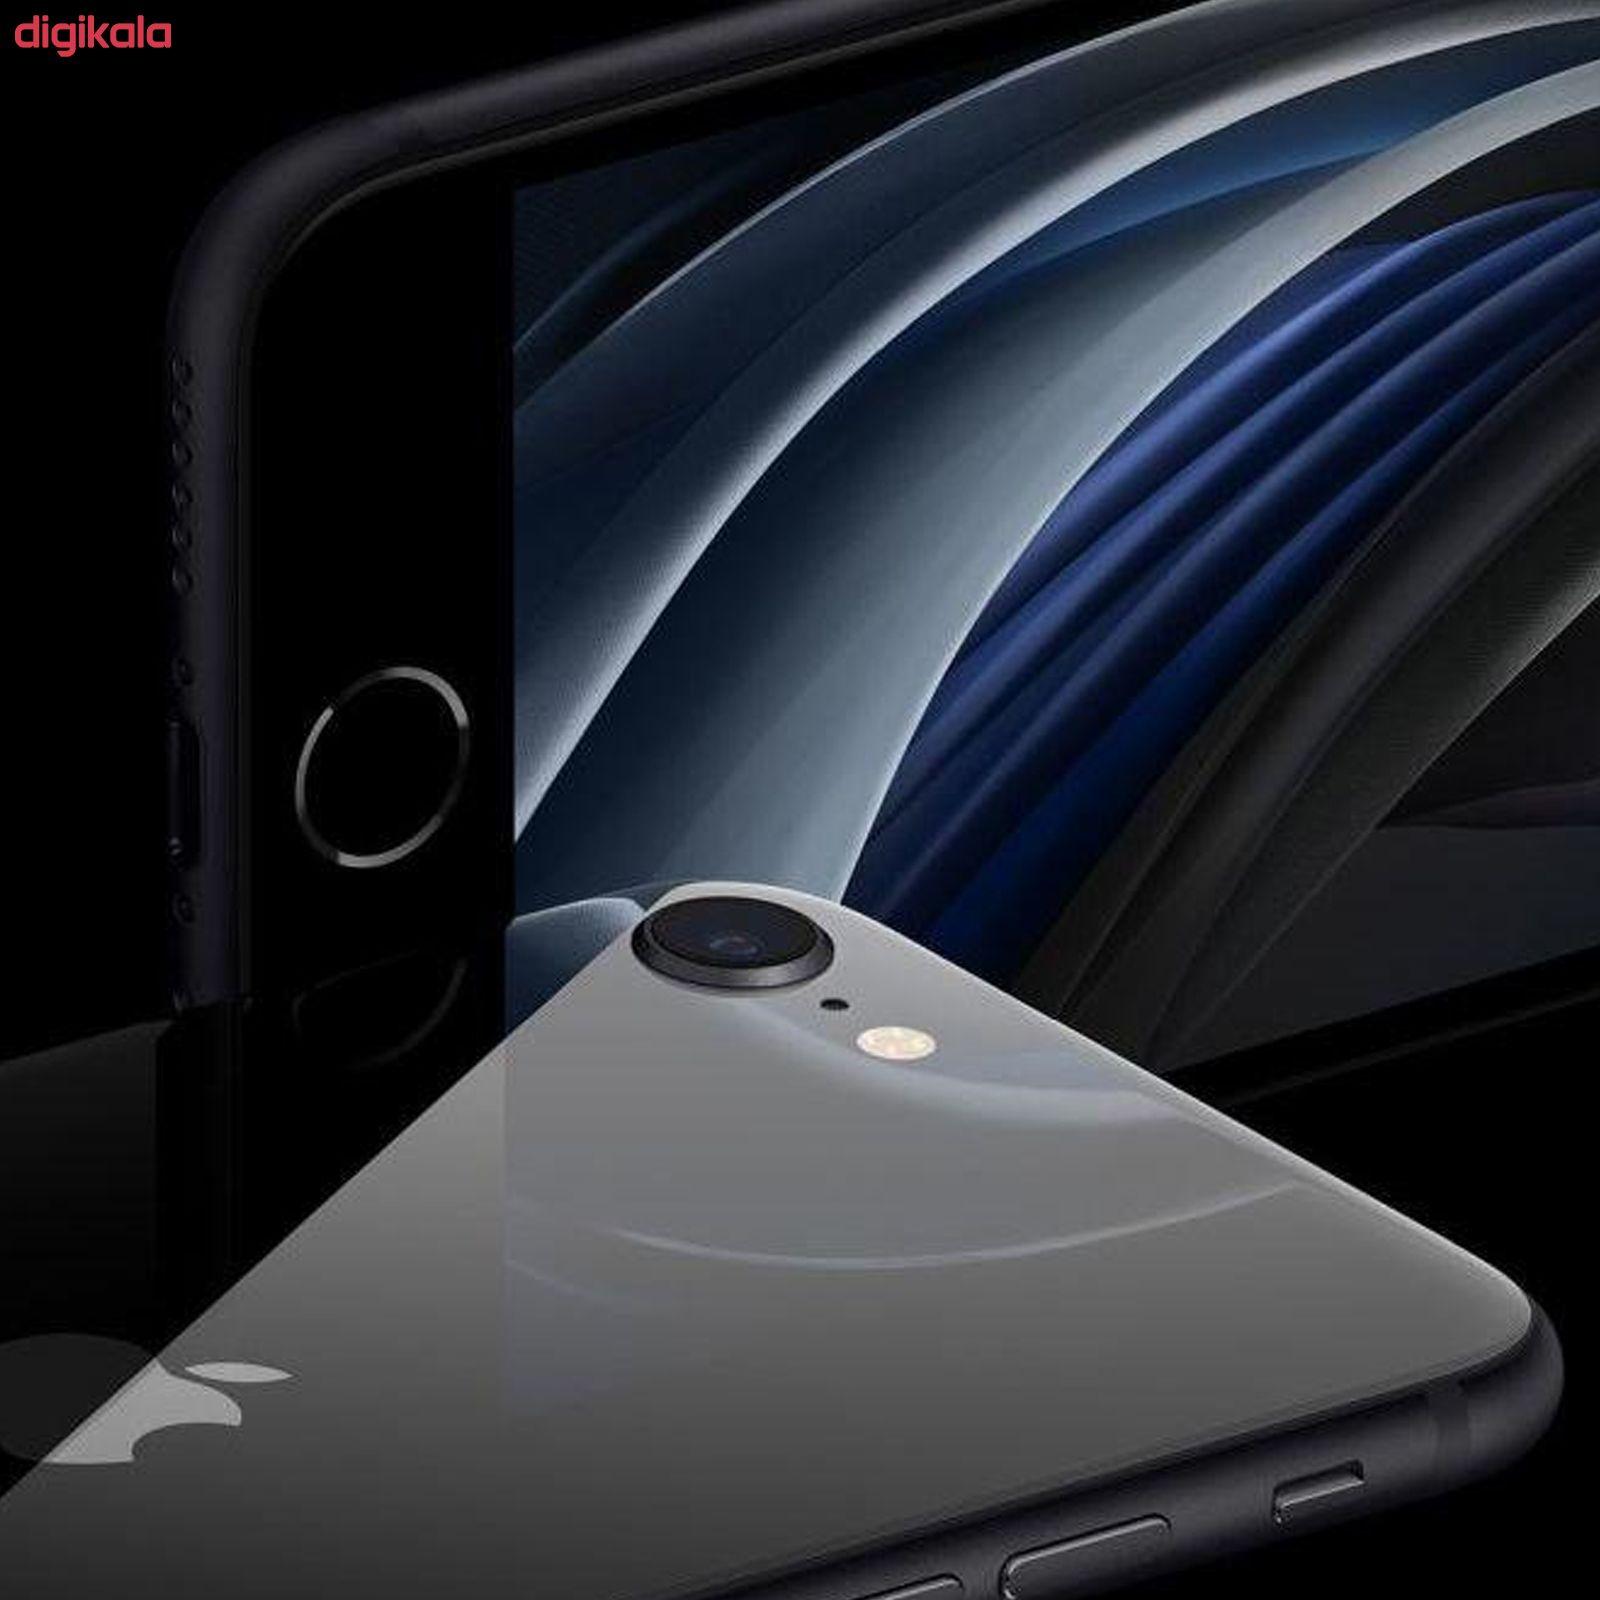 گوشی موبایل اپل مدل  iPhone SE 2020 A2275 ظرفیت 128 گیگابایت main 1 13